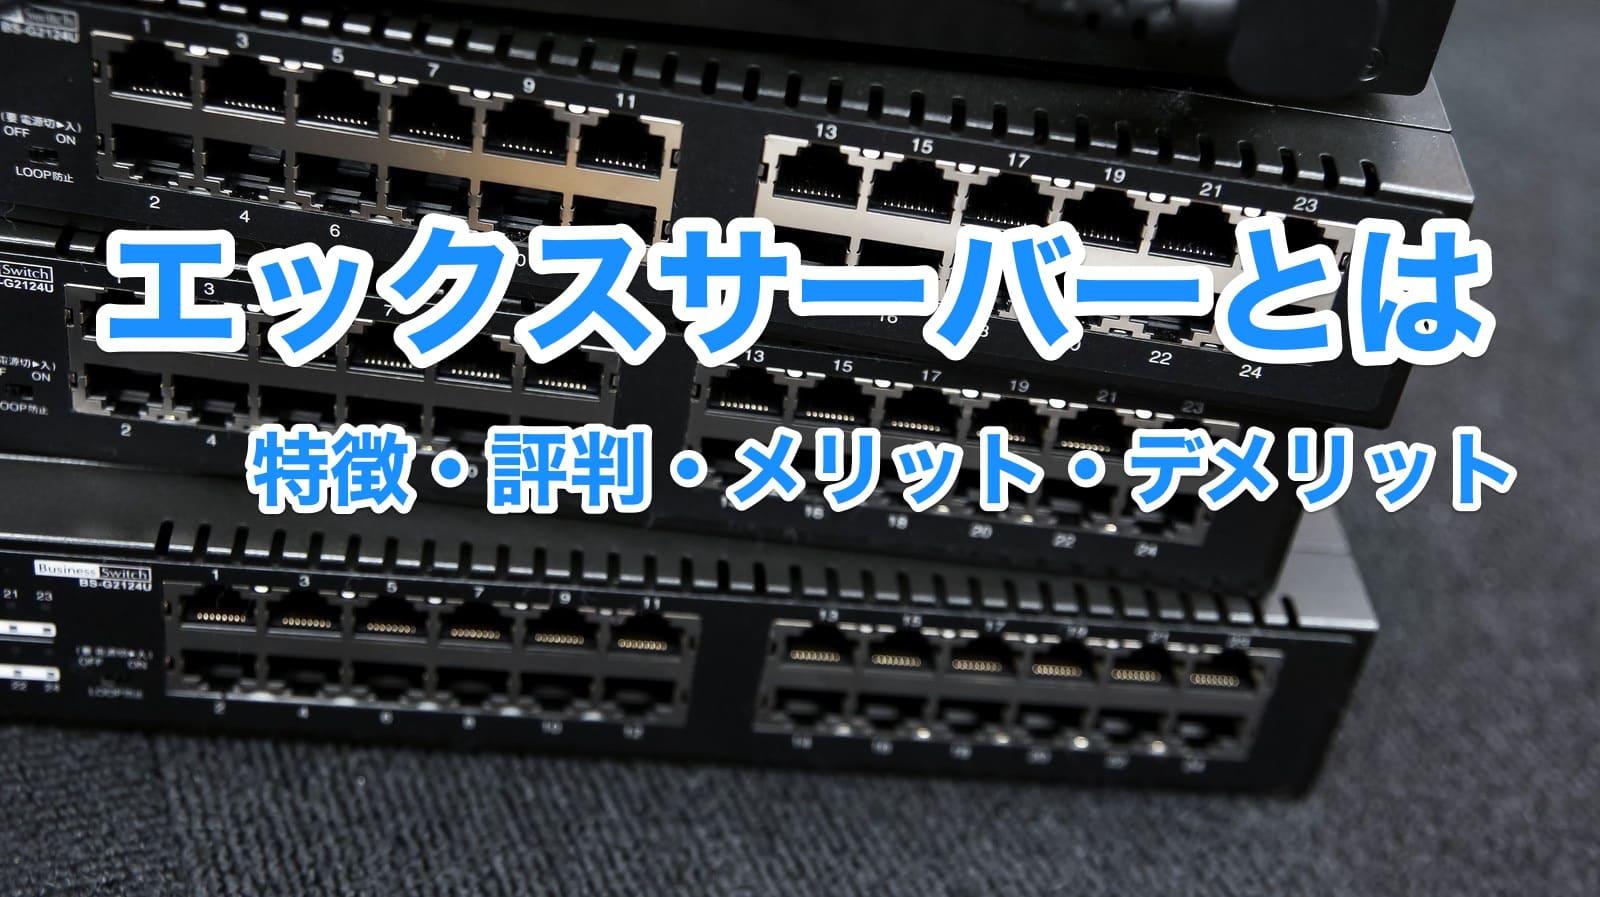 エックスサーバーとは|レンタルサーバーの特徴・評判・メリット・デメリット